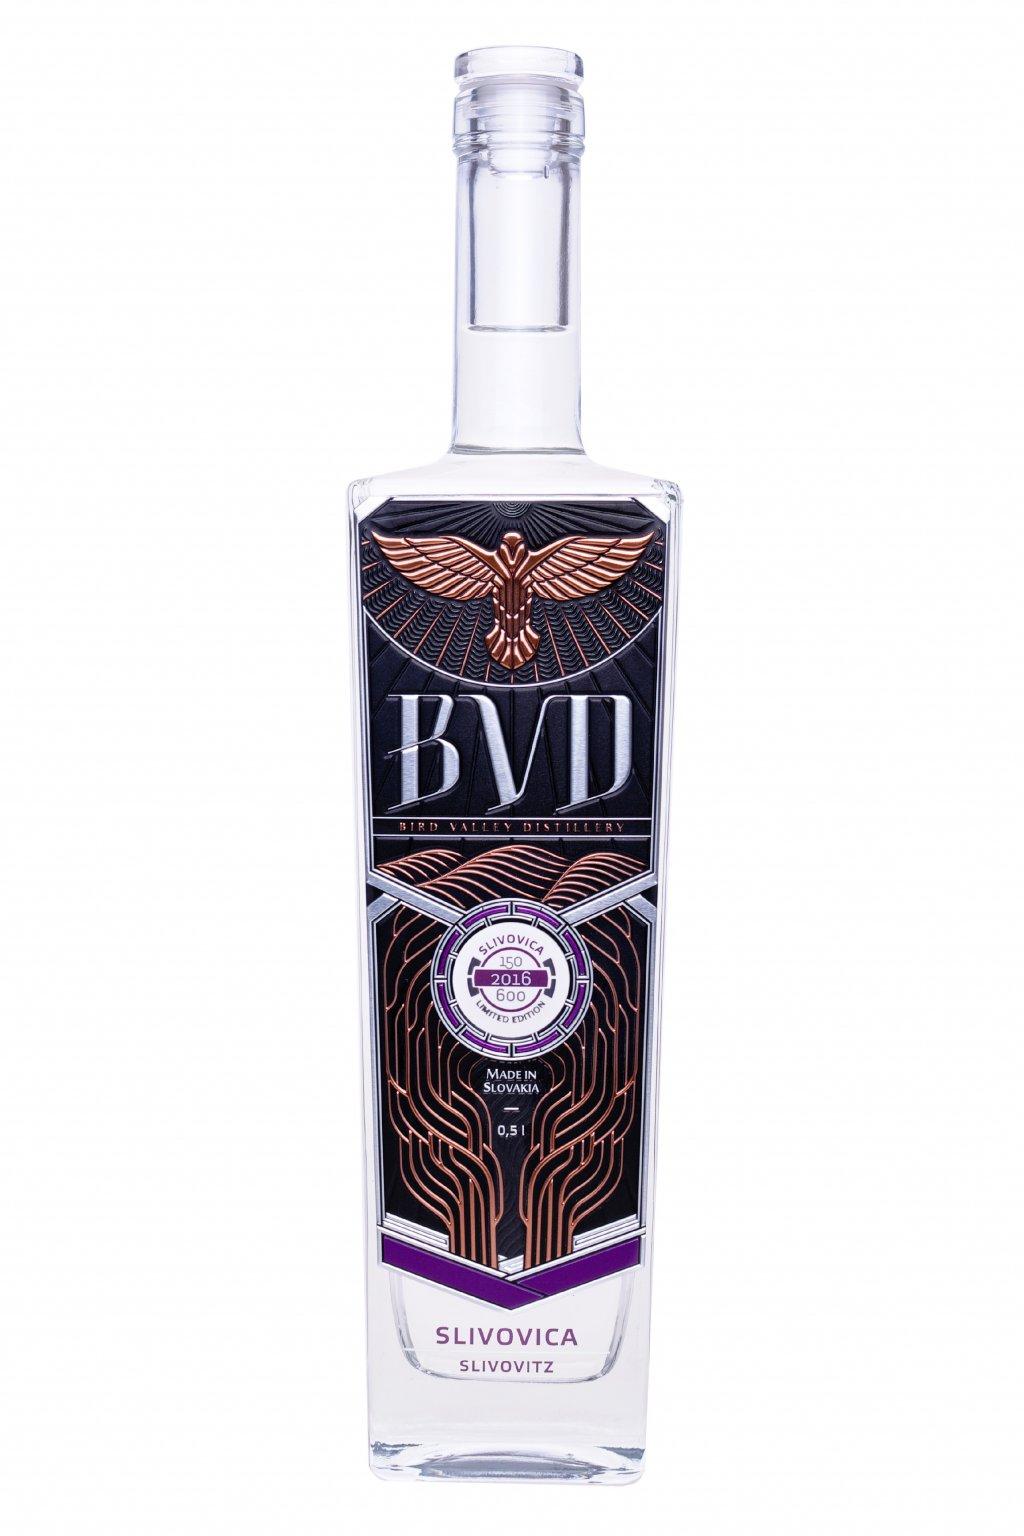 BVD Slivovica destilat 0,5l